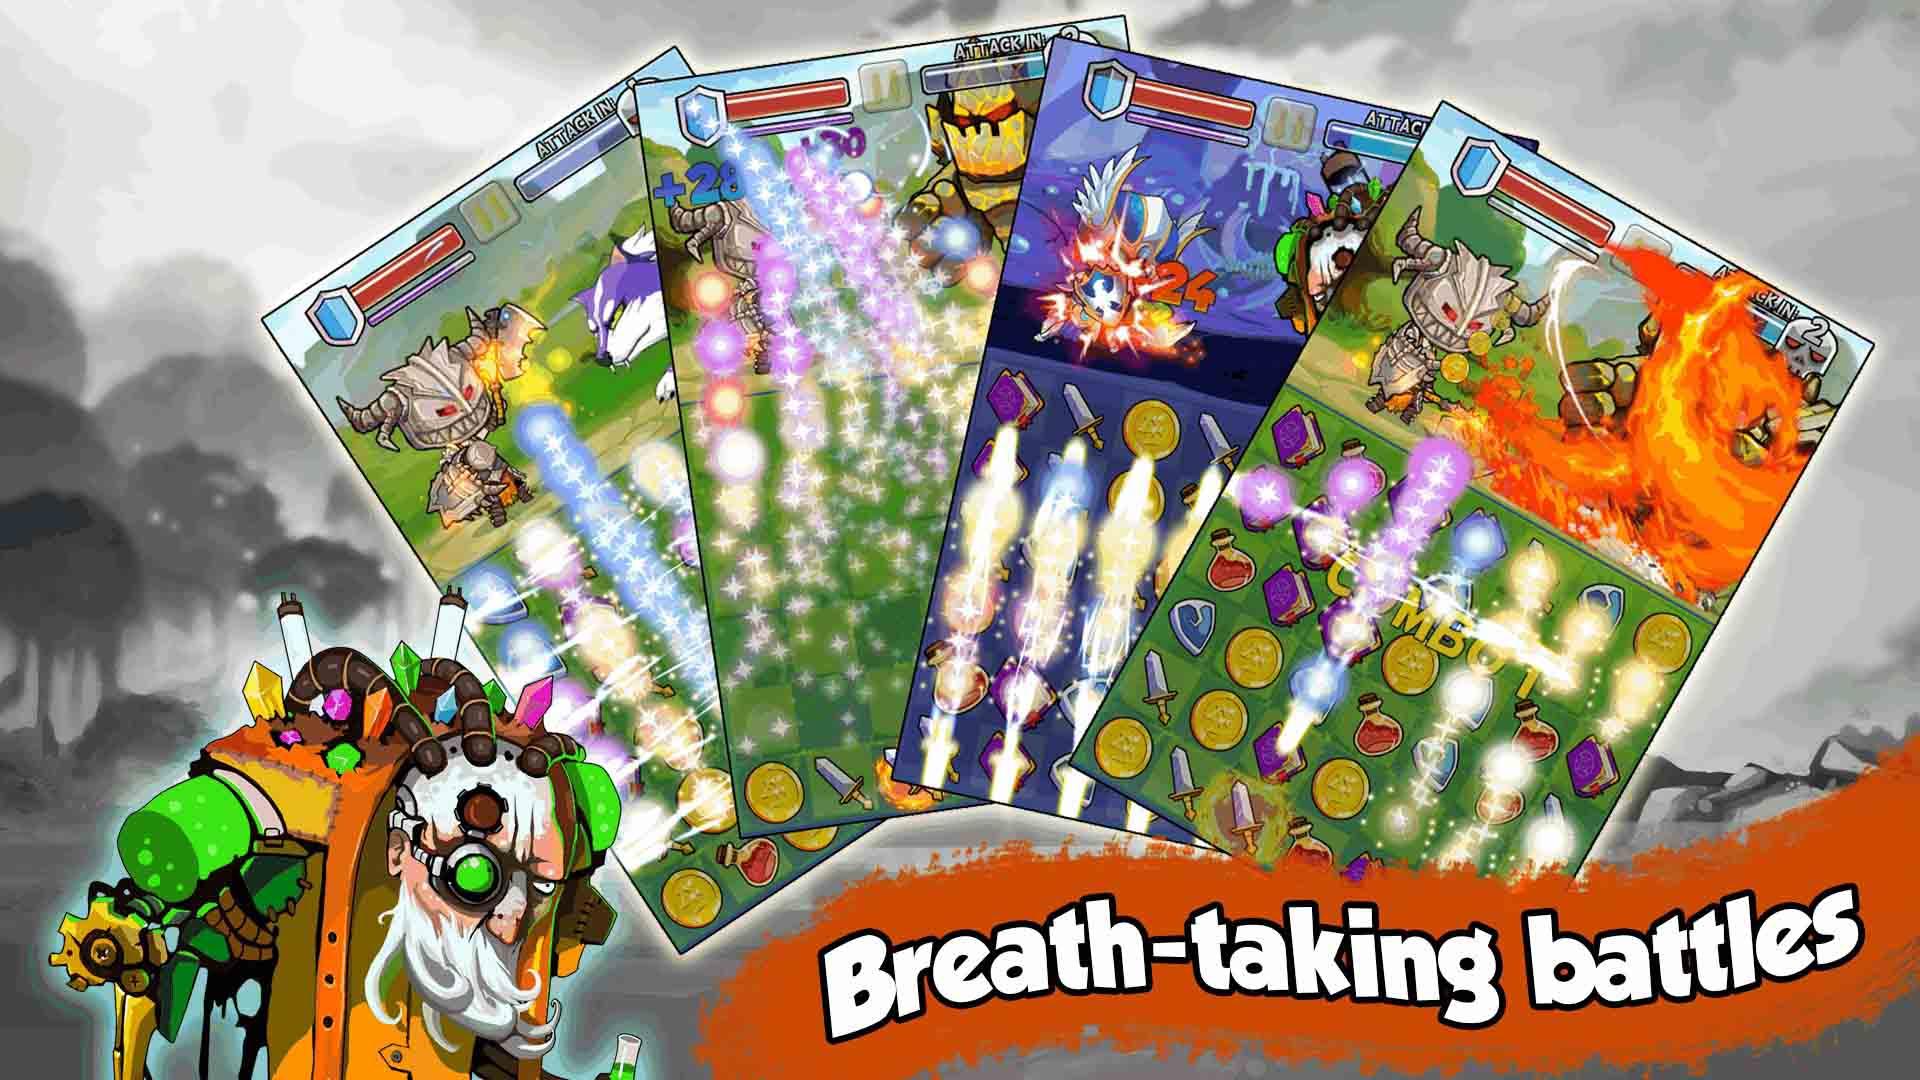 Game Việt Heroes of Puzzle Adventure ra mắt với lối chơi mới lạ